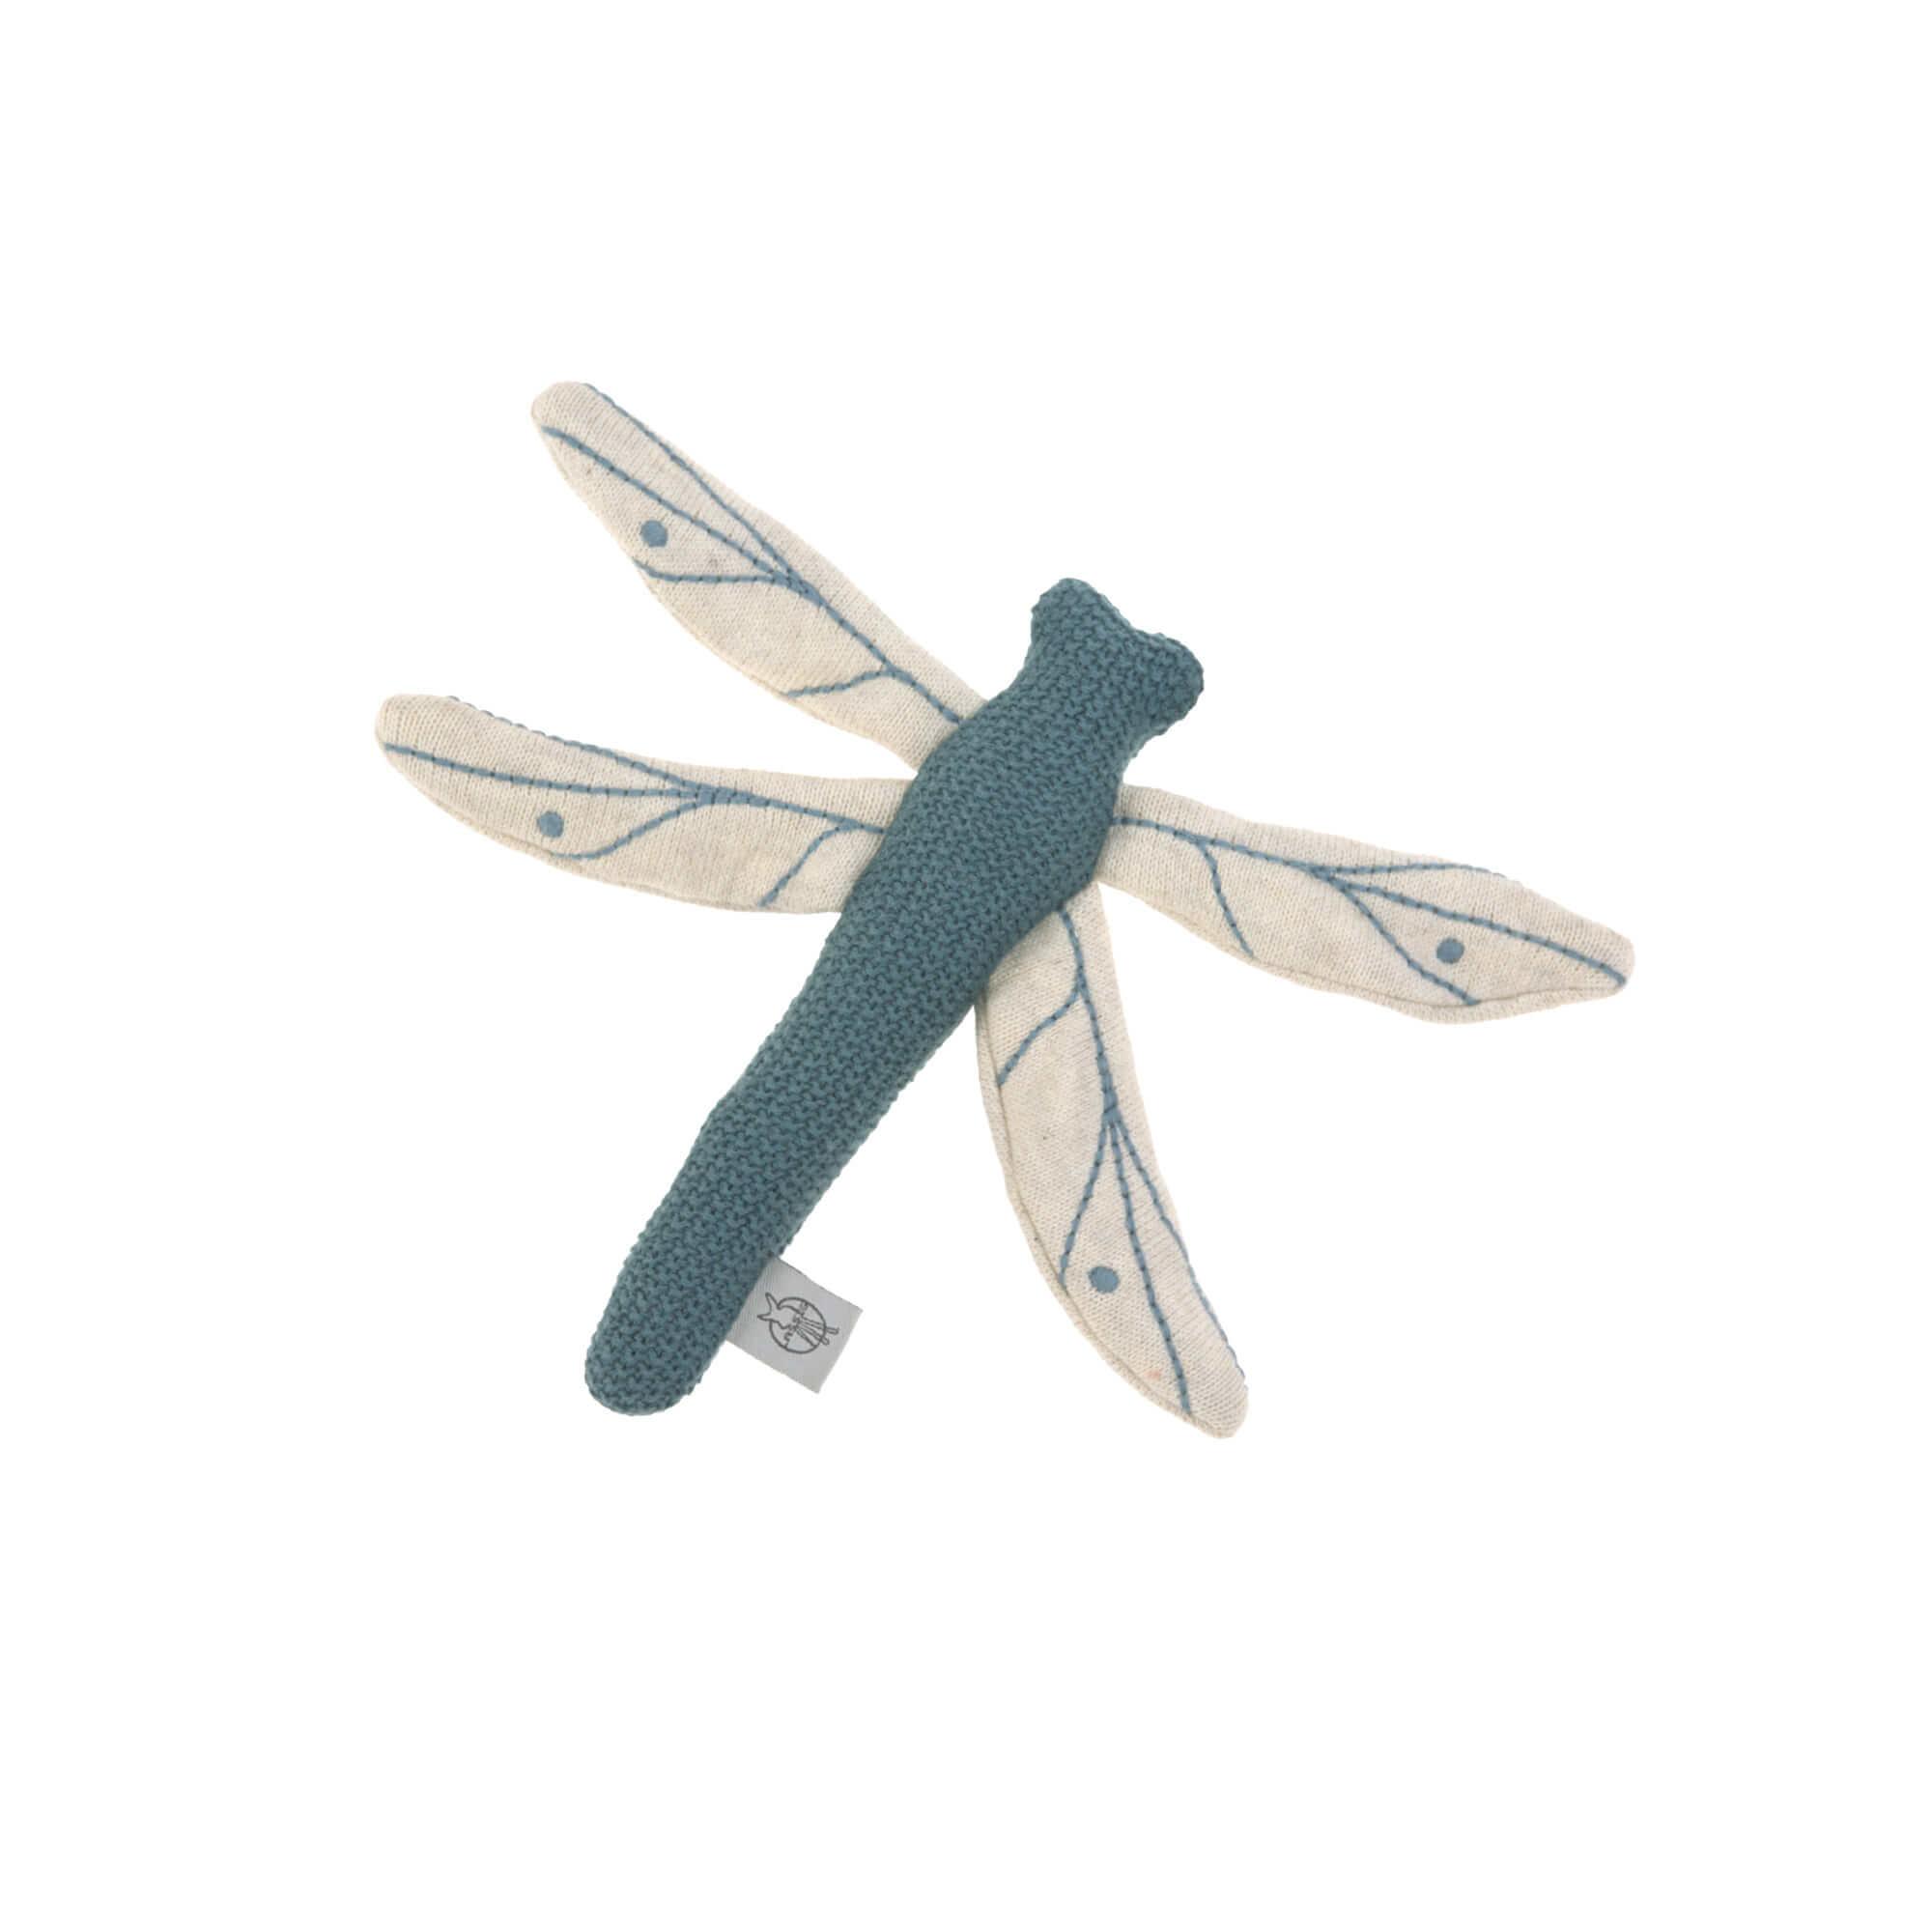 Kuscheltier mit Rassel & Knisterpapier - Libelle Blau - Lässig